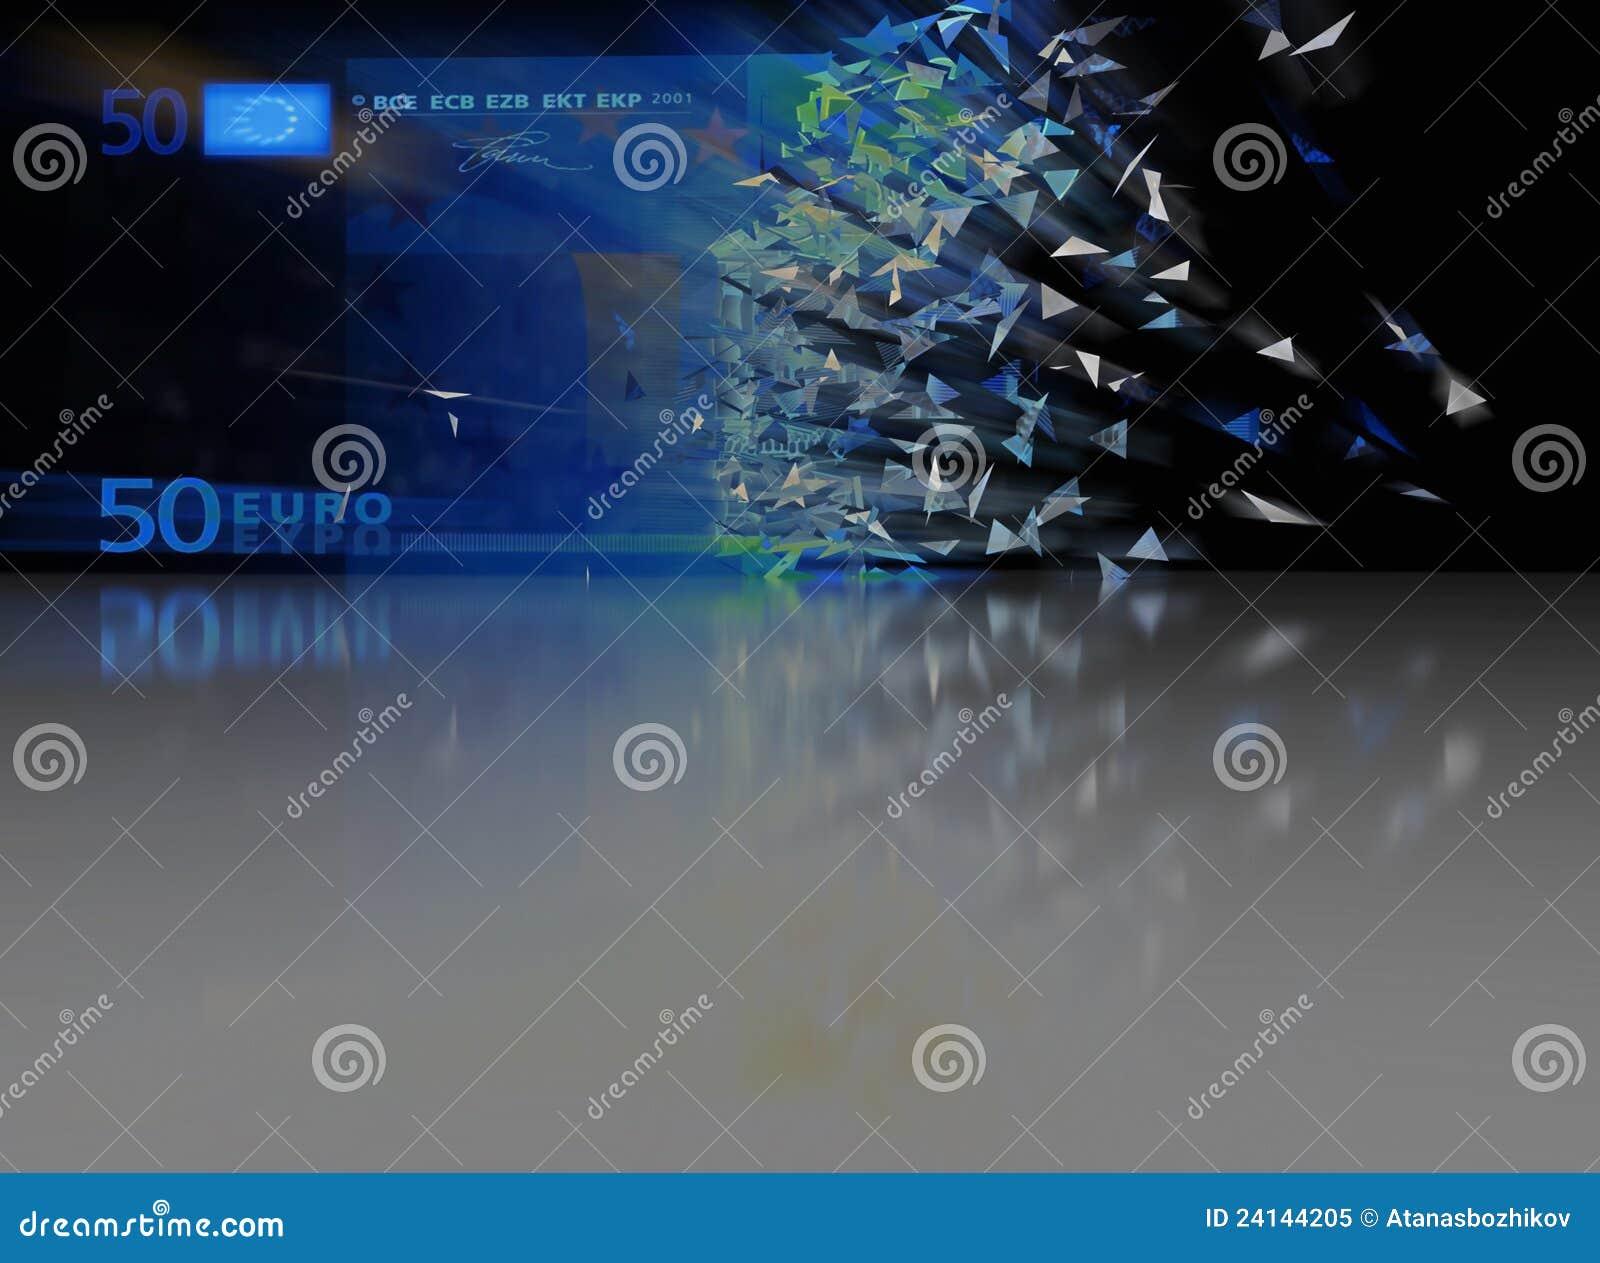 Eurobrechen 50 - abstrakter Hintergrund